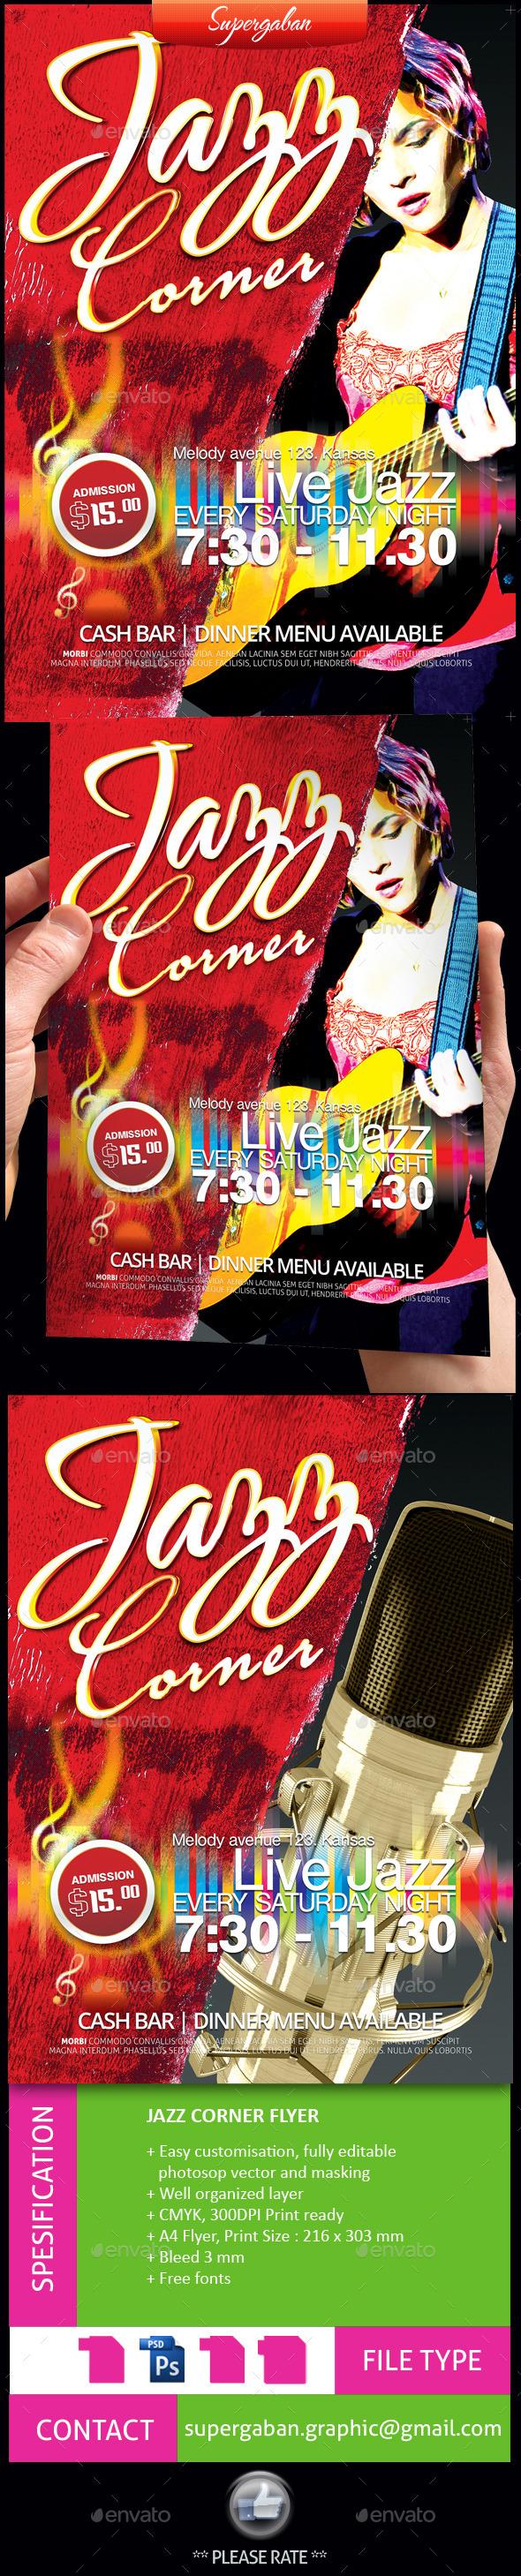 Jazz Corner Flyer - Concerts Events